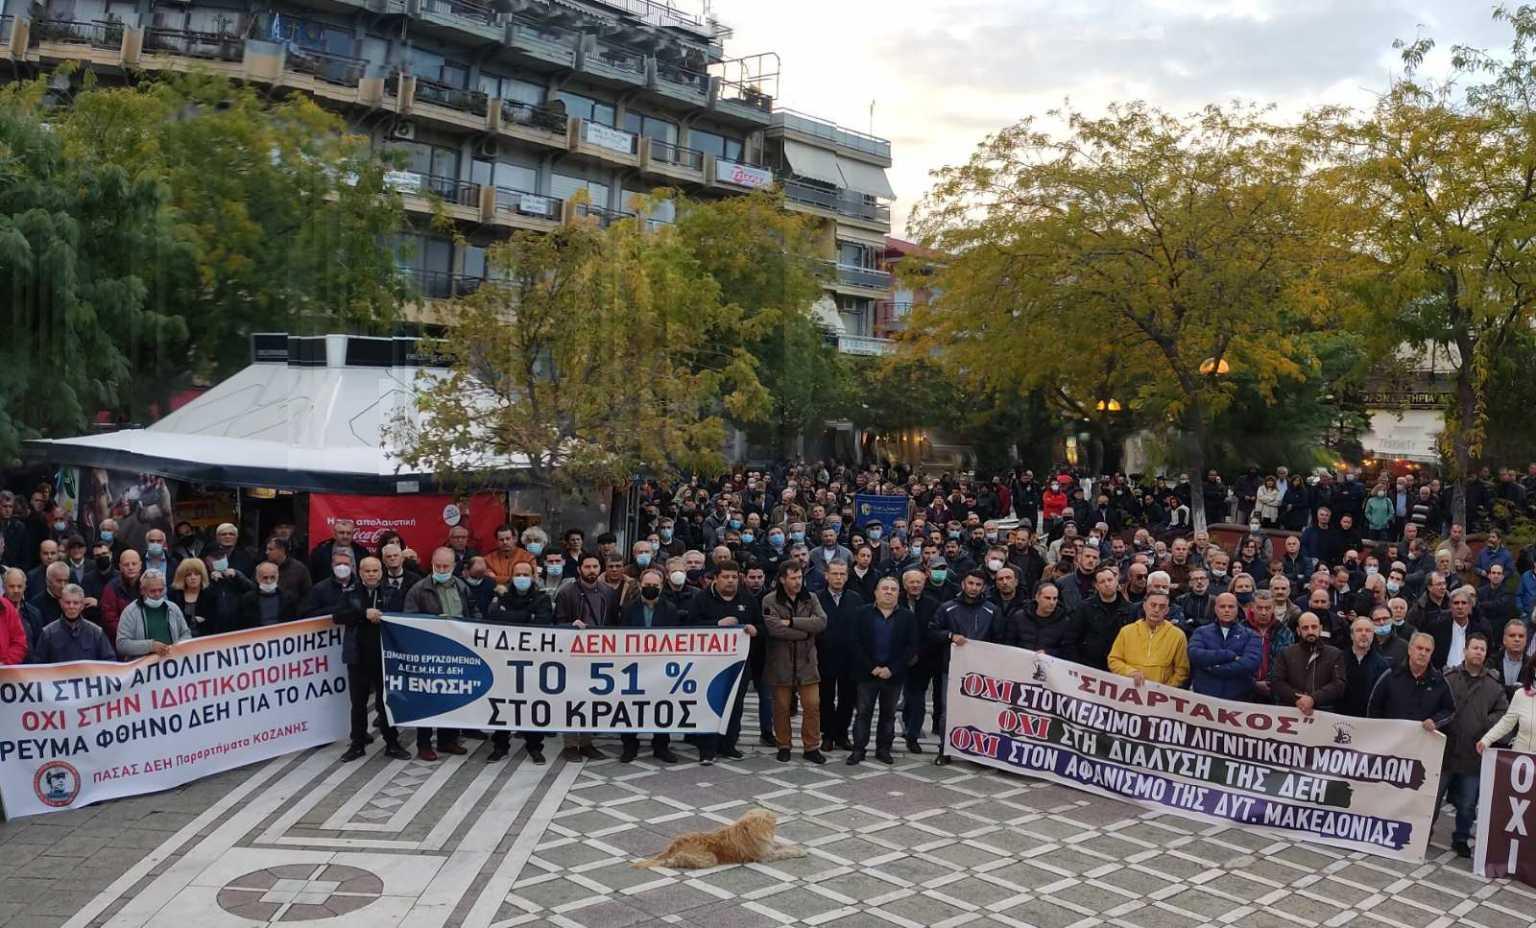 Πτολεμαΐδα: Διαμαρτυρία της ΓΕΝΟΠ για την μετοχοποίηση της ΔΕΗ – «Θα έρθουν αυξήσεις αν δεν ακούσουν»